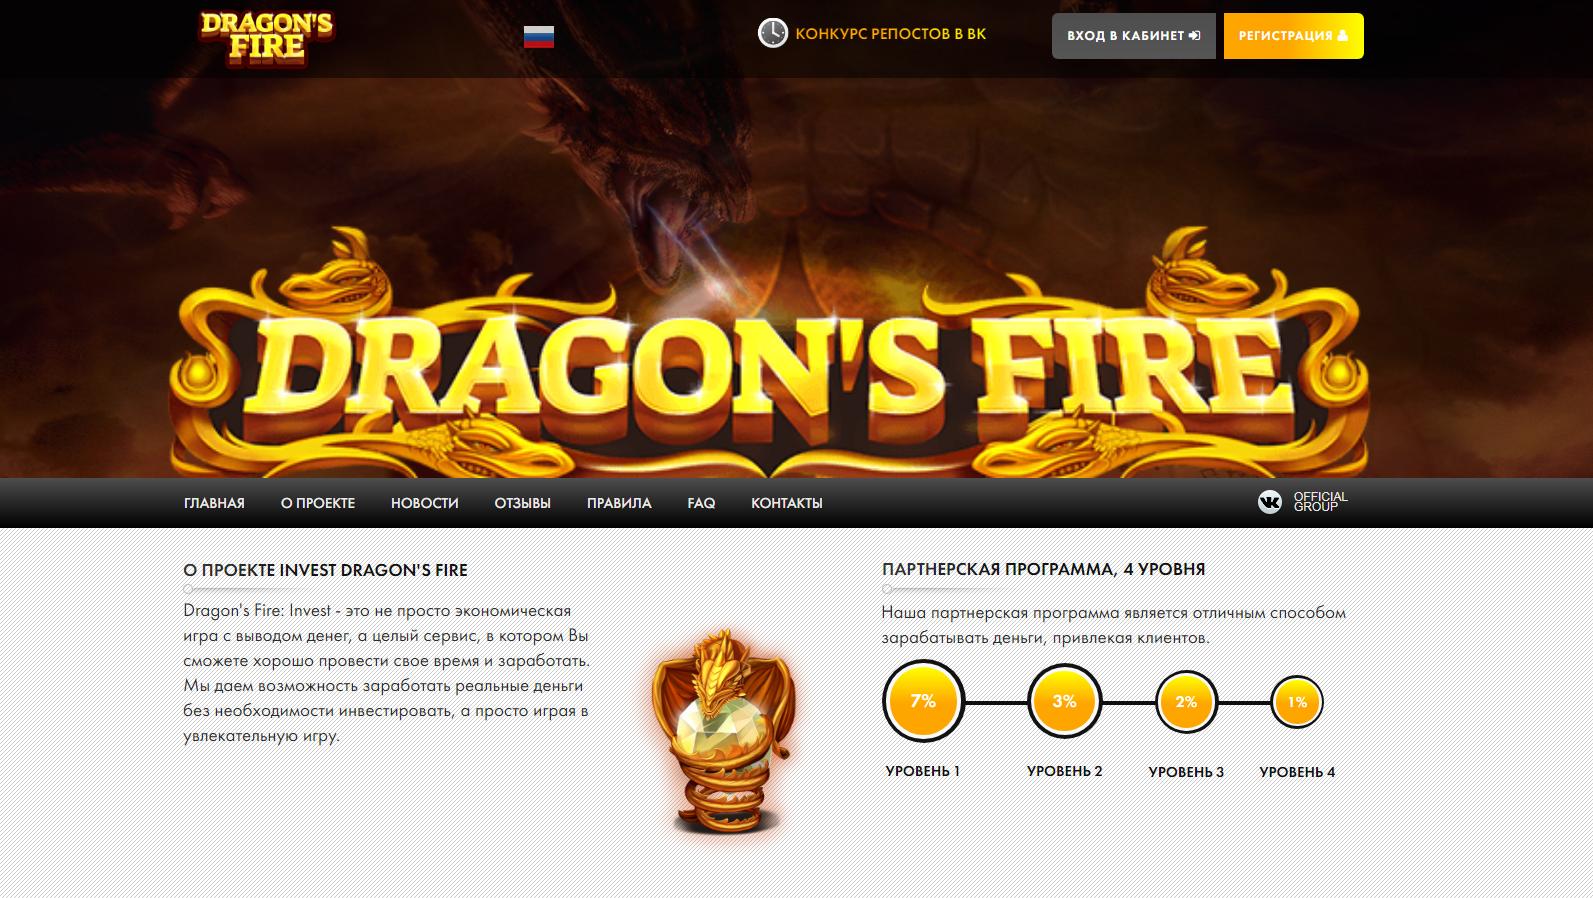 Dragons Fire скрипт игры бесплатно